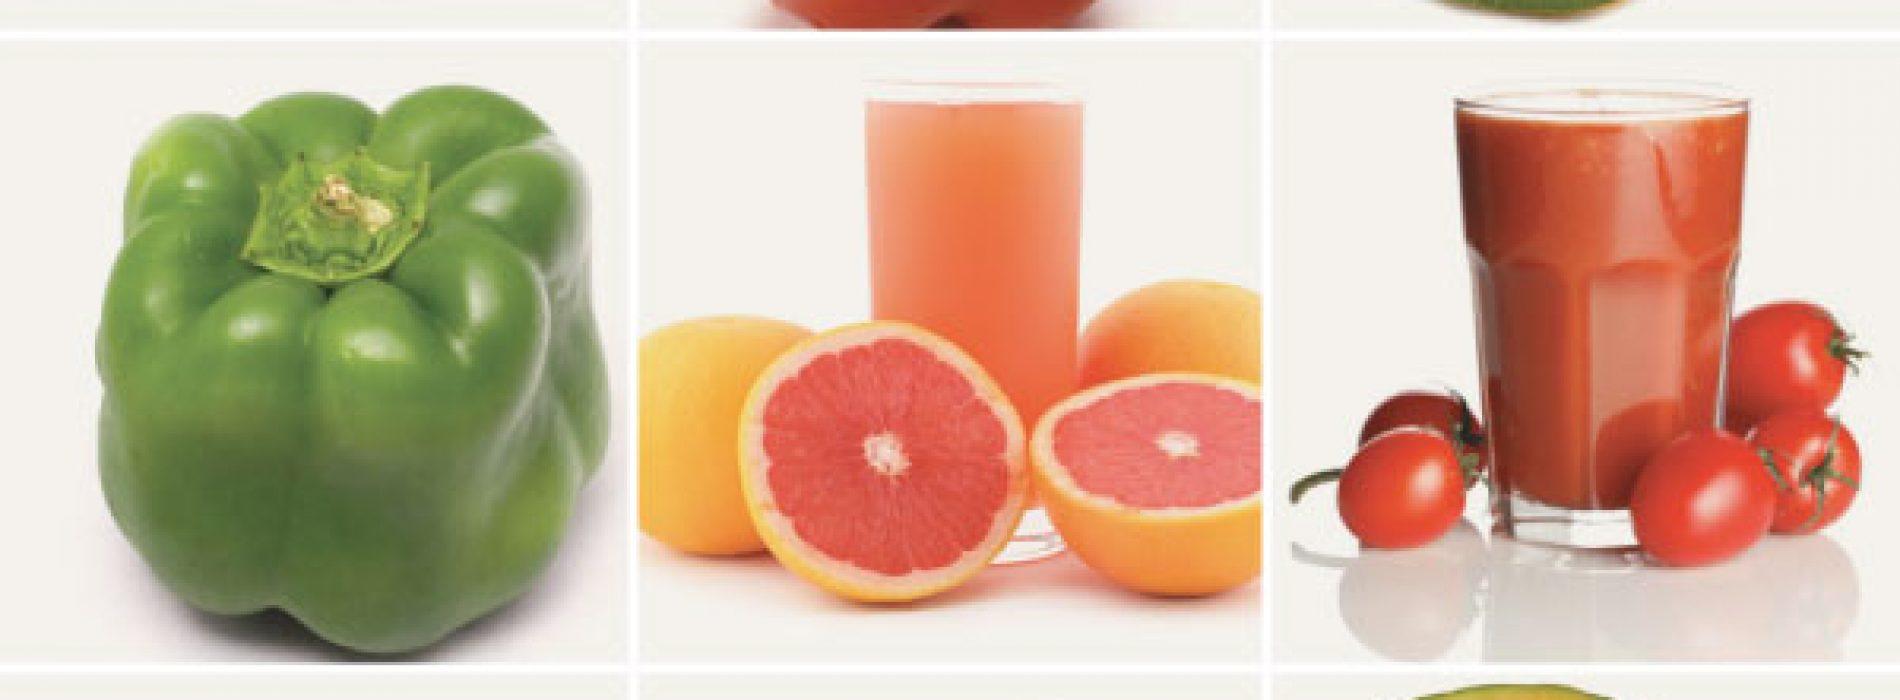 Voedingsmiddelen met meer 'vitamine C' dan een sinaasappel